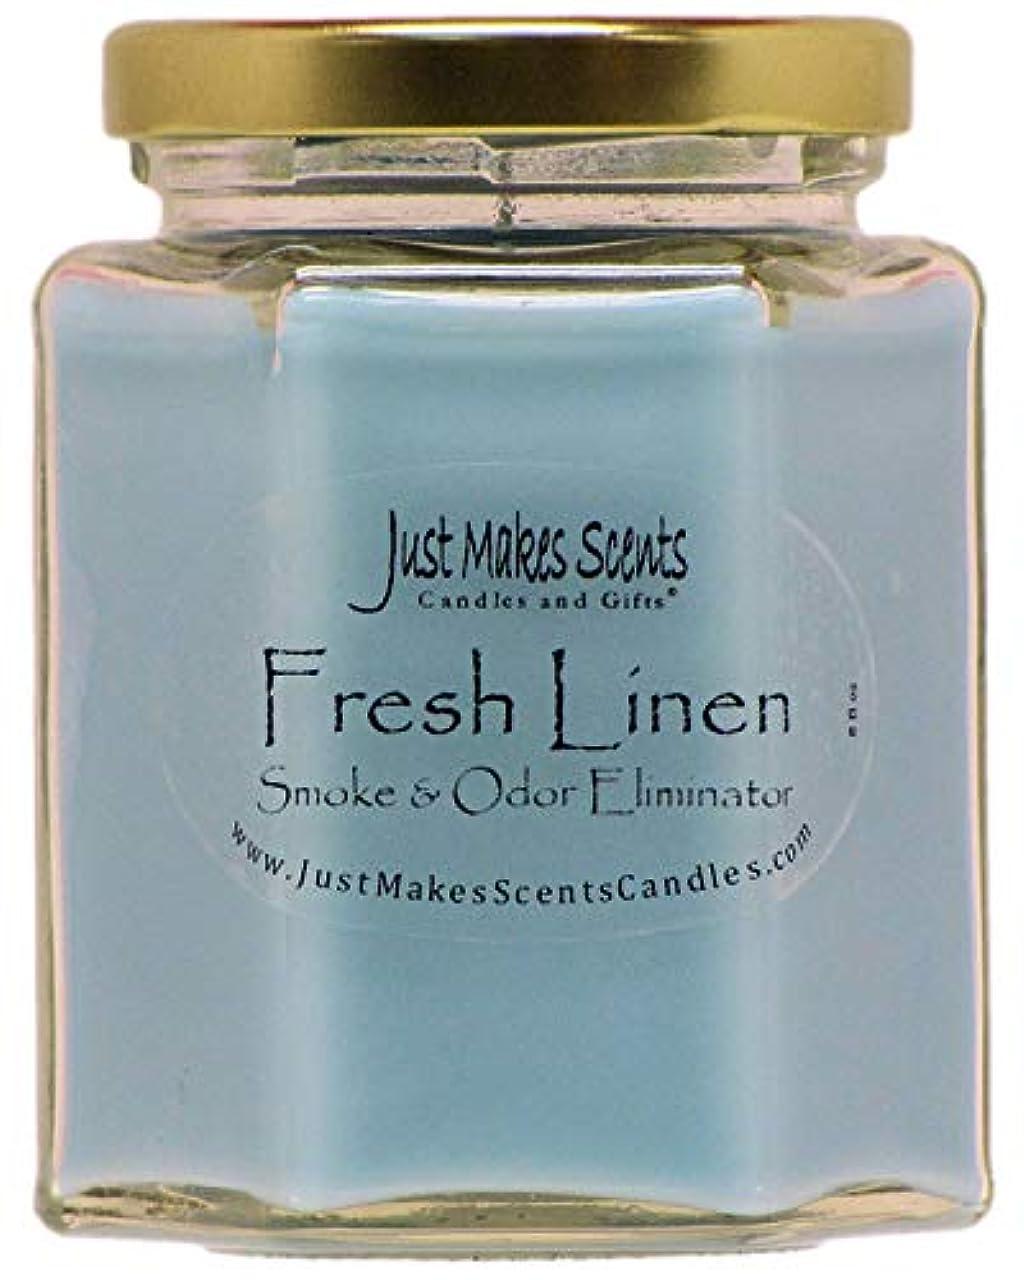 皮肉割れ目下着Just Makes Scents キャンドル&ギフトスモークペアレント Fresh Linen - Single